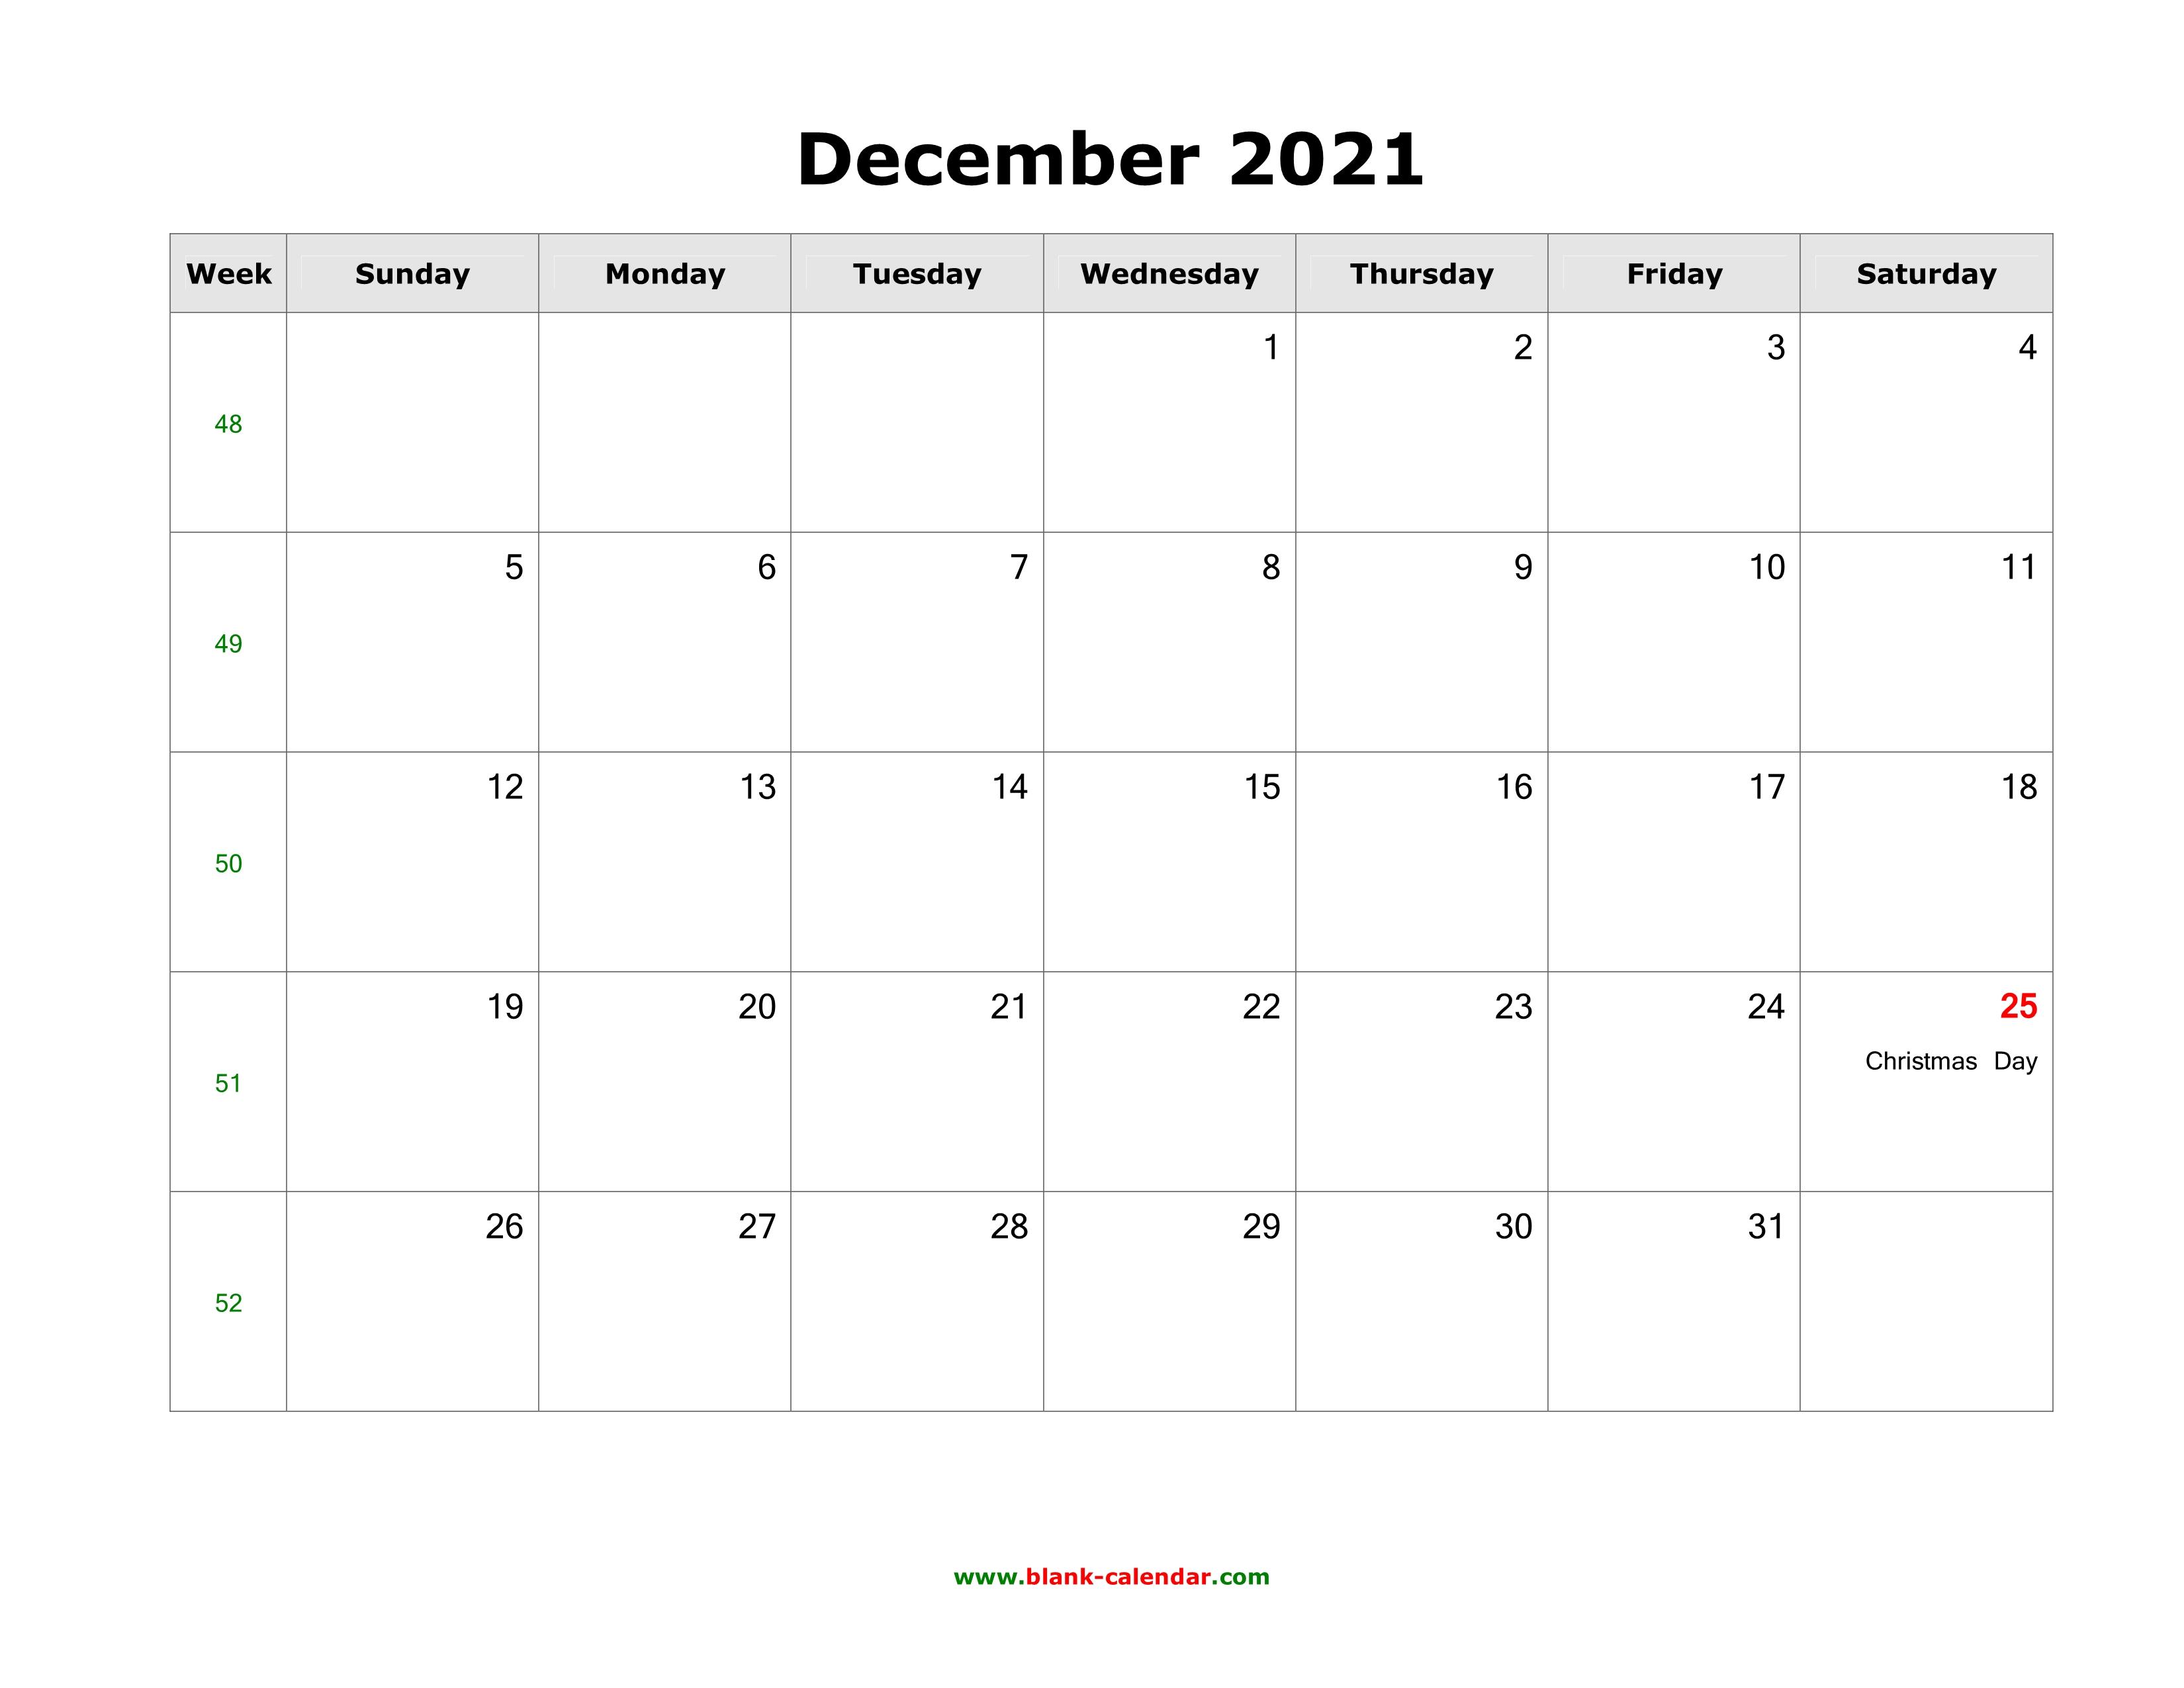 December 2021 Blank Calendar | Free Download Calendar ...